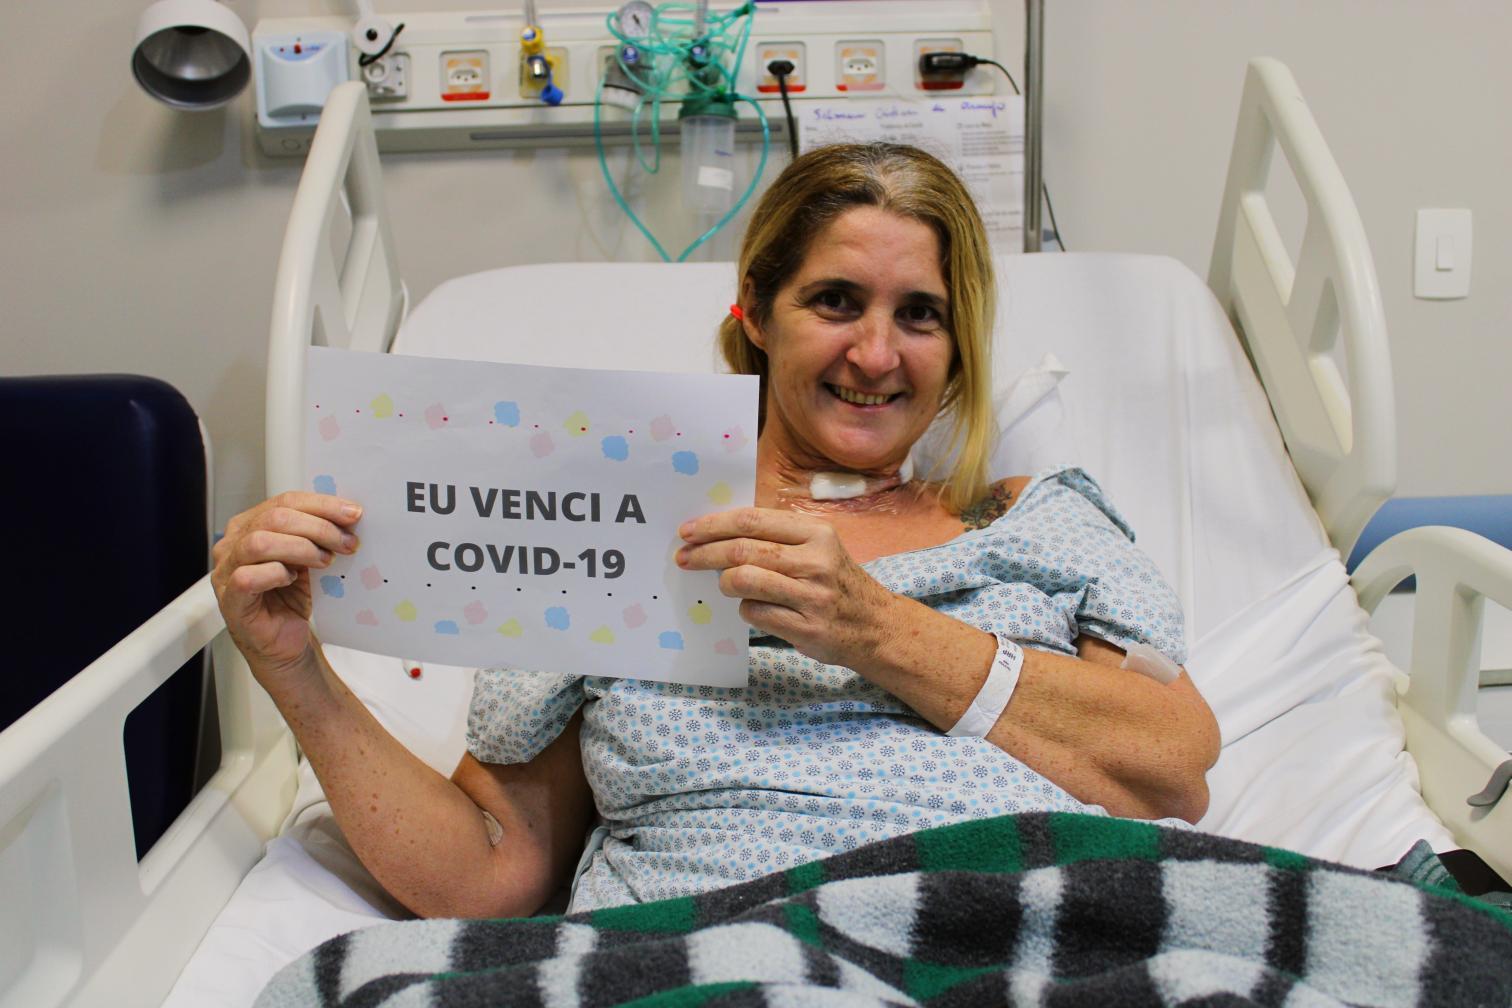 Emocionante: Moradora de Cordeirópolis recebeu alta hospitalar após 33 dias internada com Covid-19